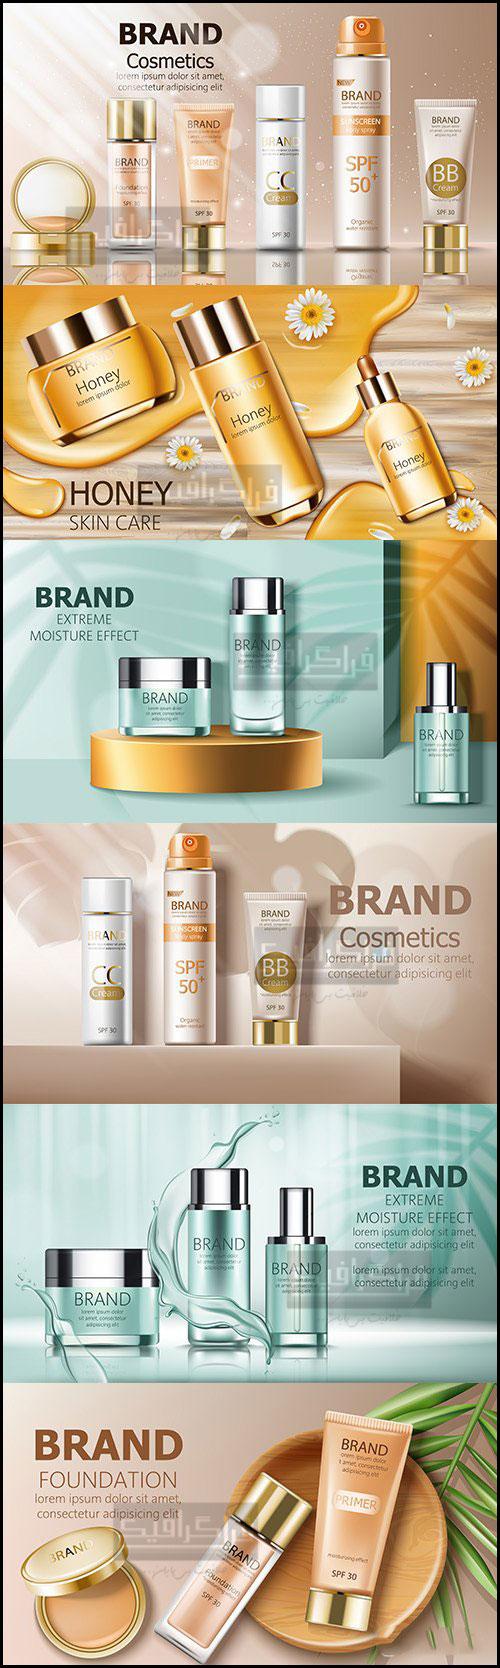 دانلود وکتور های تبلیغاتی محصولات آرایشی - شماره 8